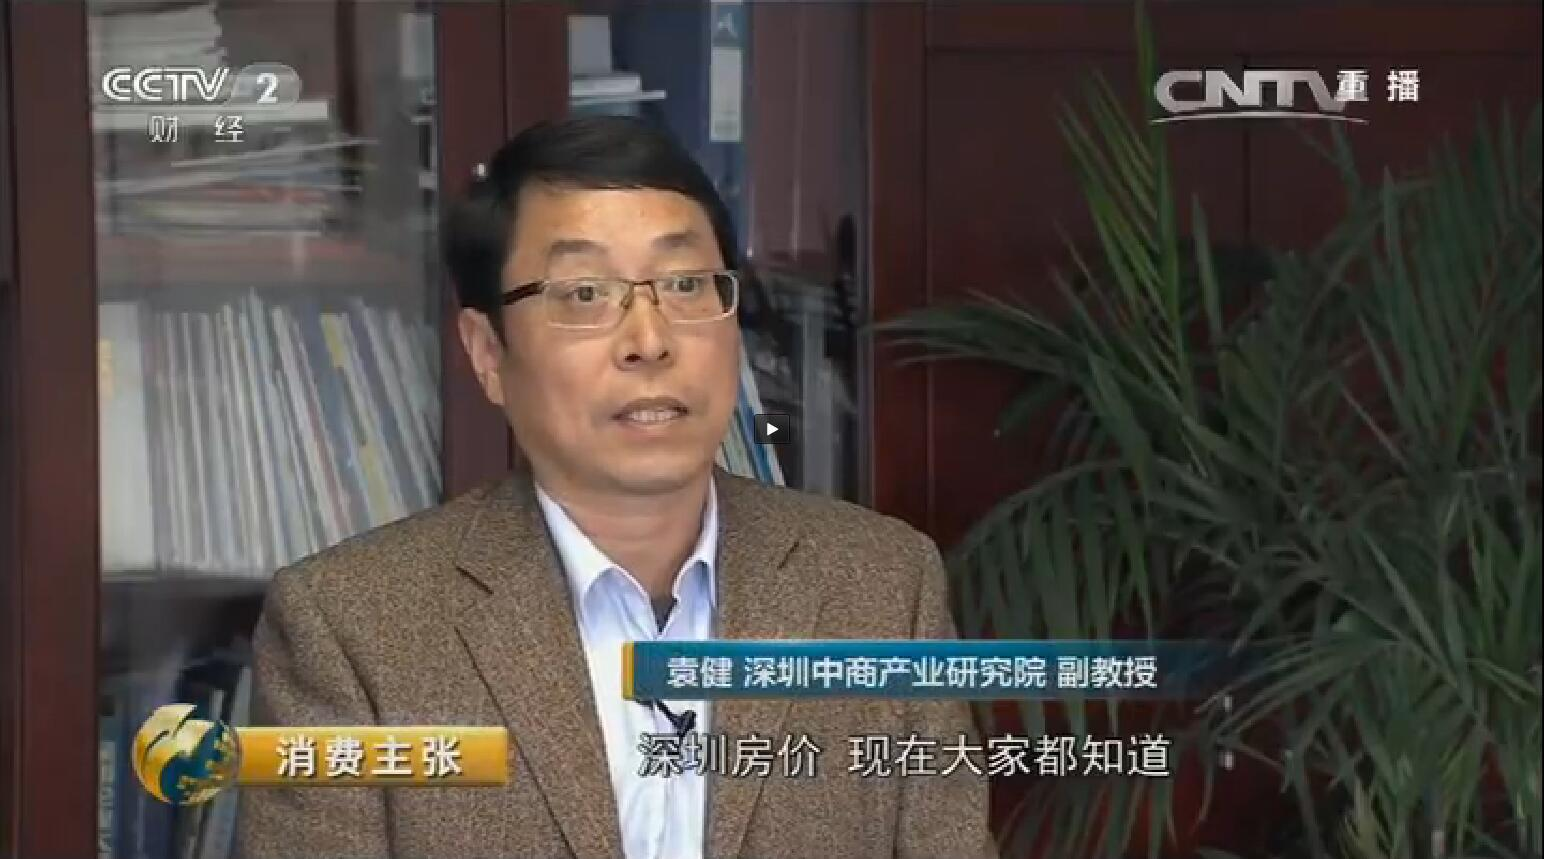 央视财经频道采访澳门现金棋牌官网袁健教授